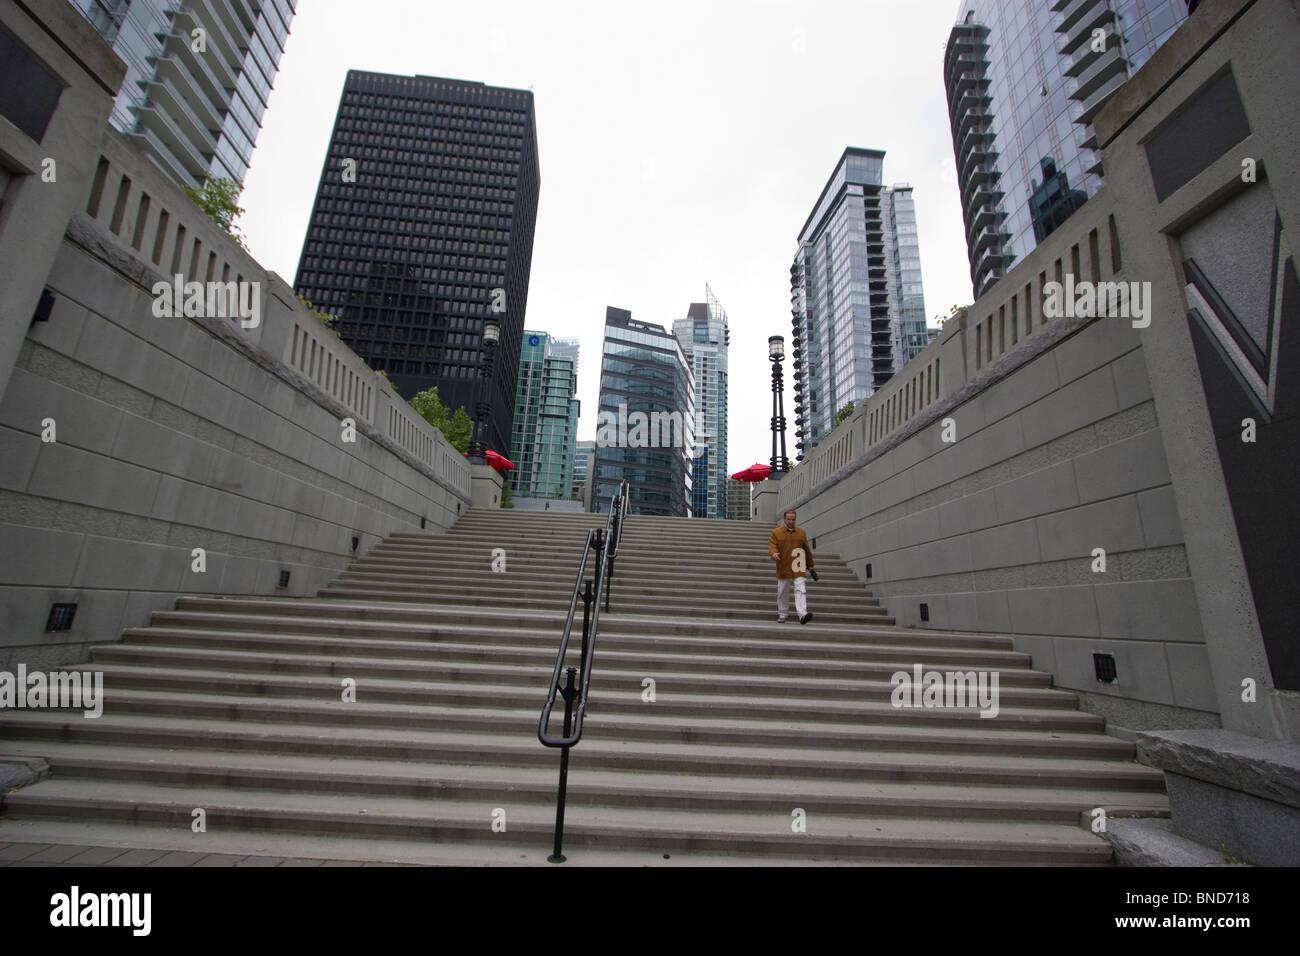 Wohn-Immobilien, wohnen in der Nähe von Coal Harbour, Vancouver, mit Schritten Stockbild